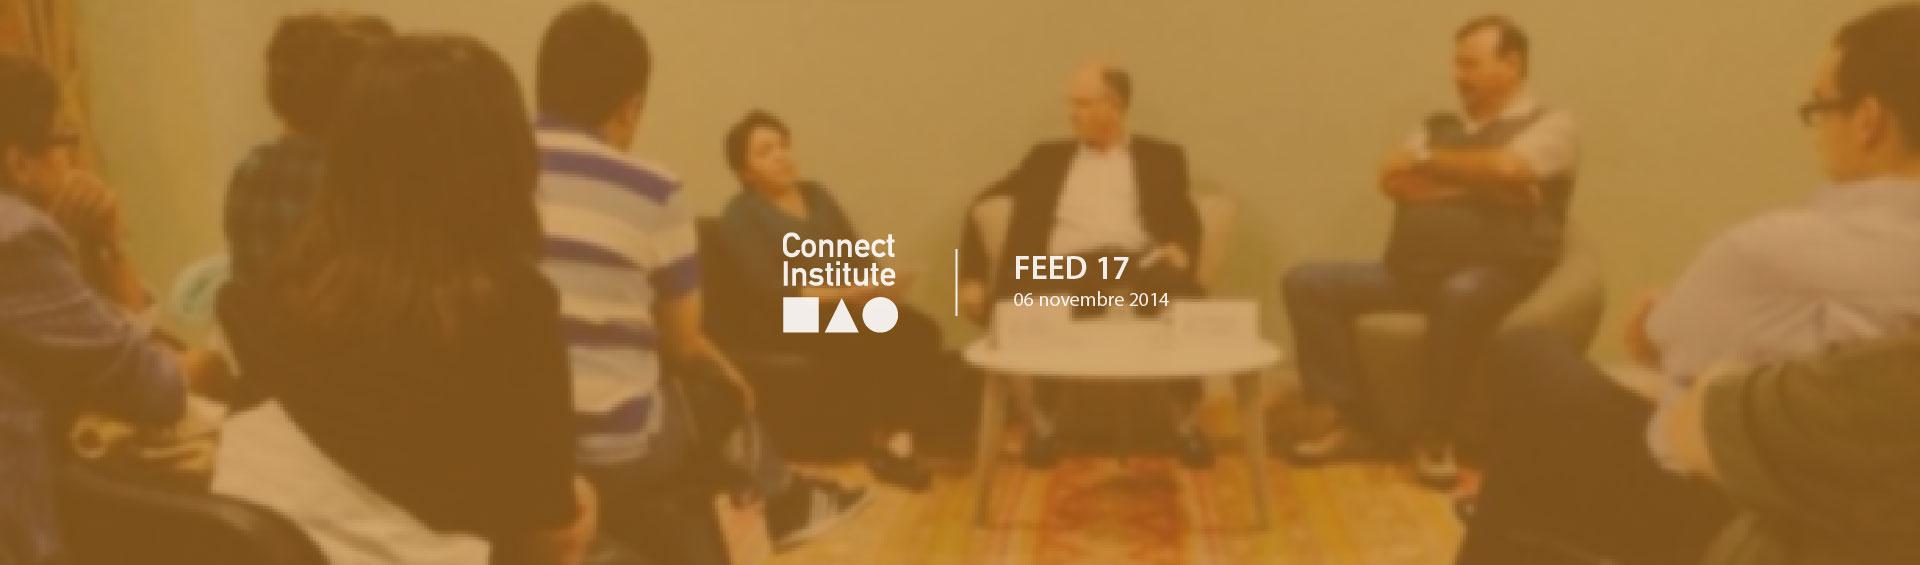 FEED 17